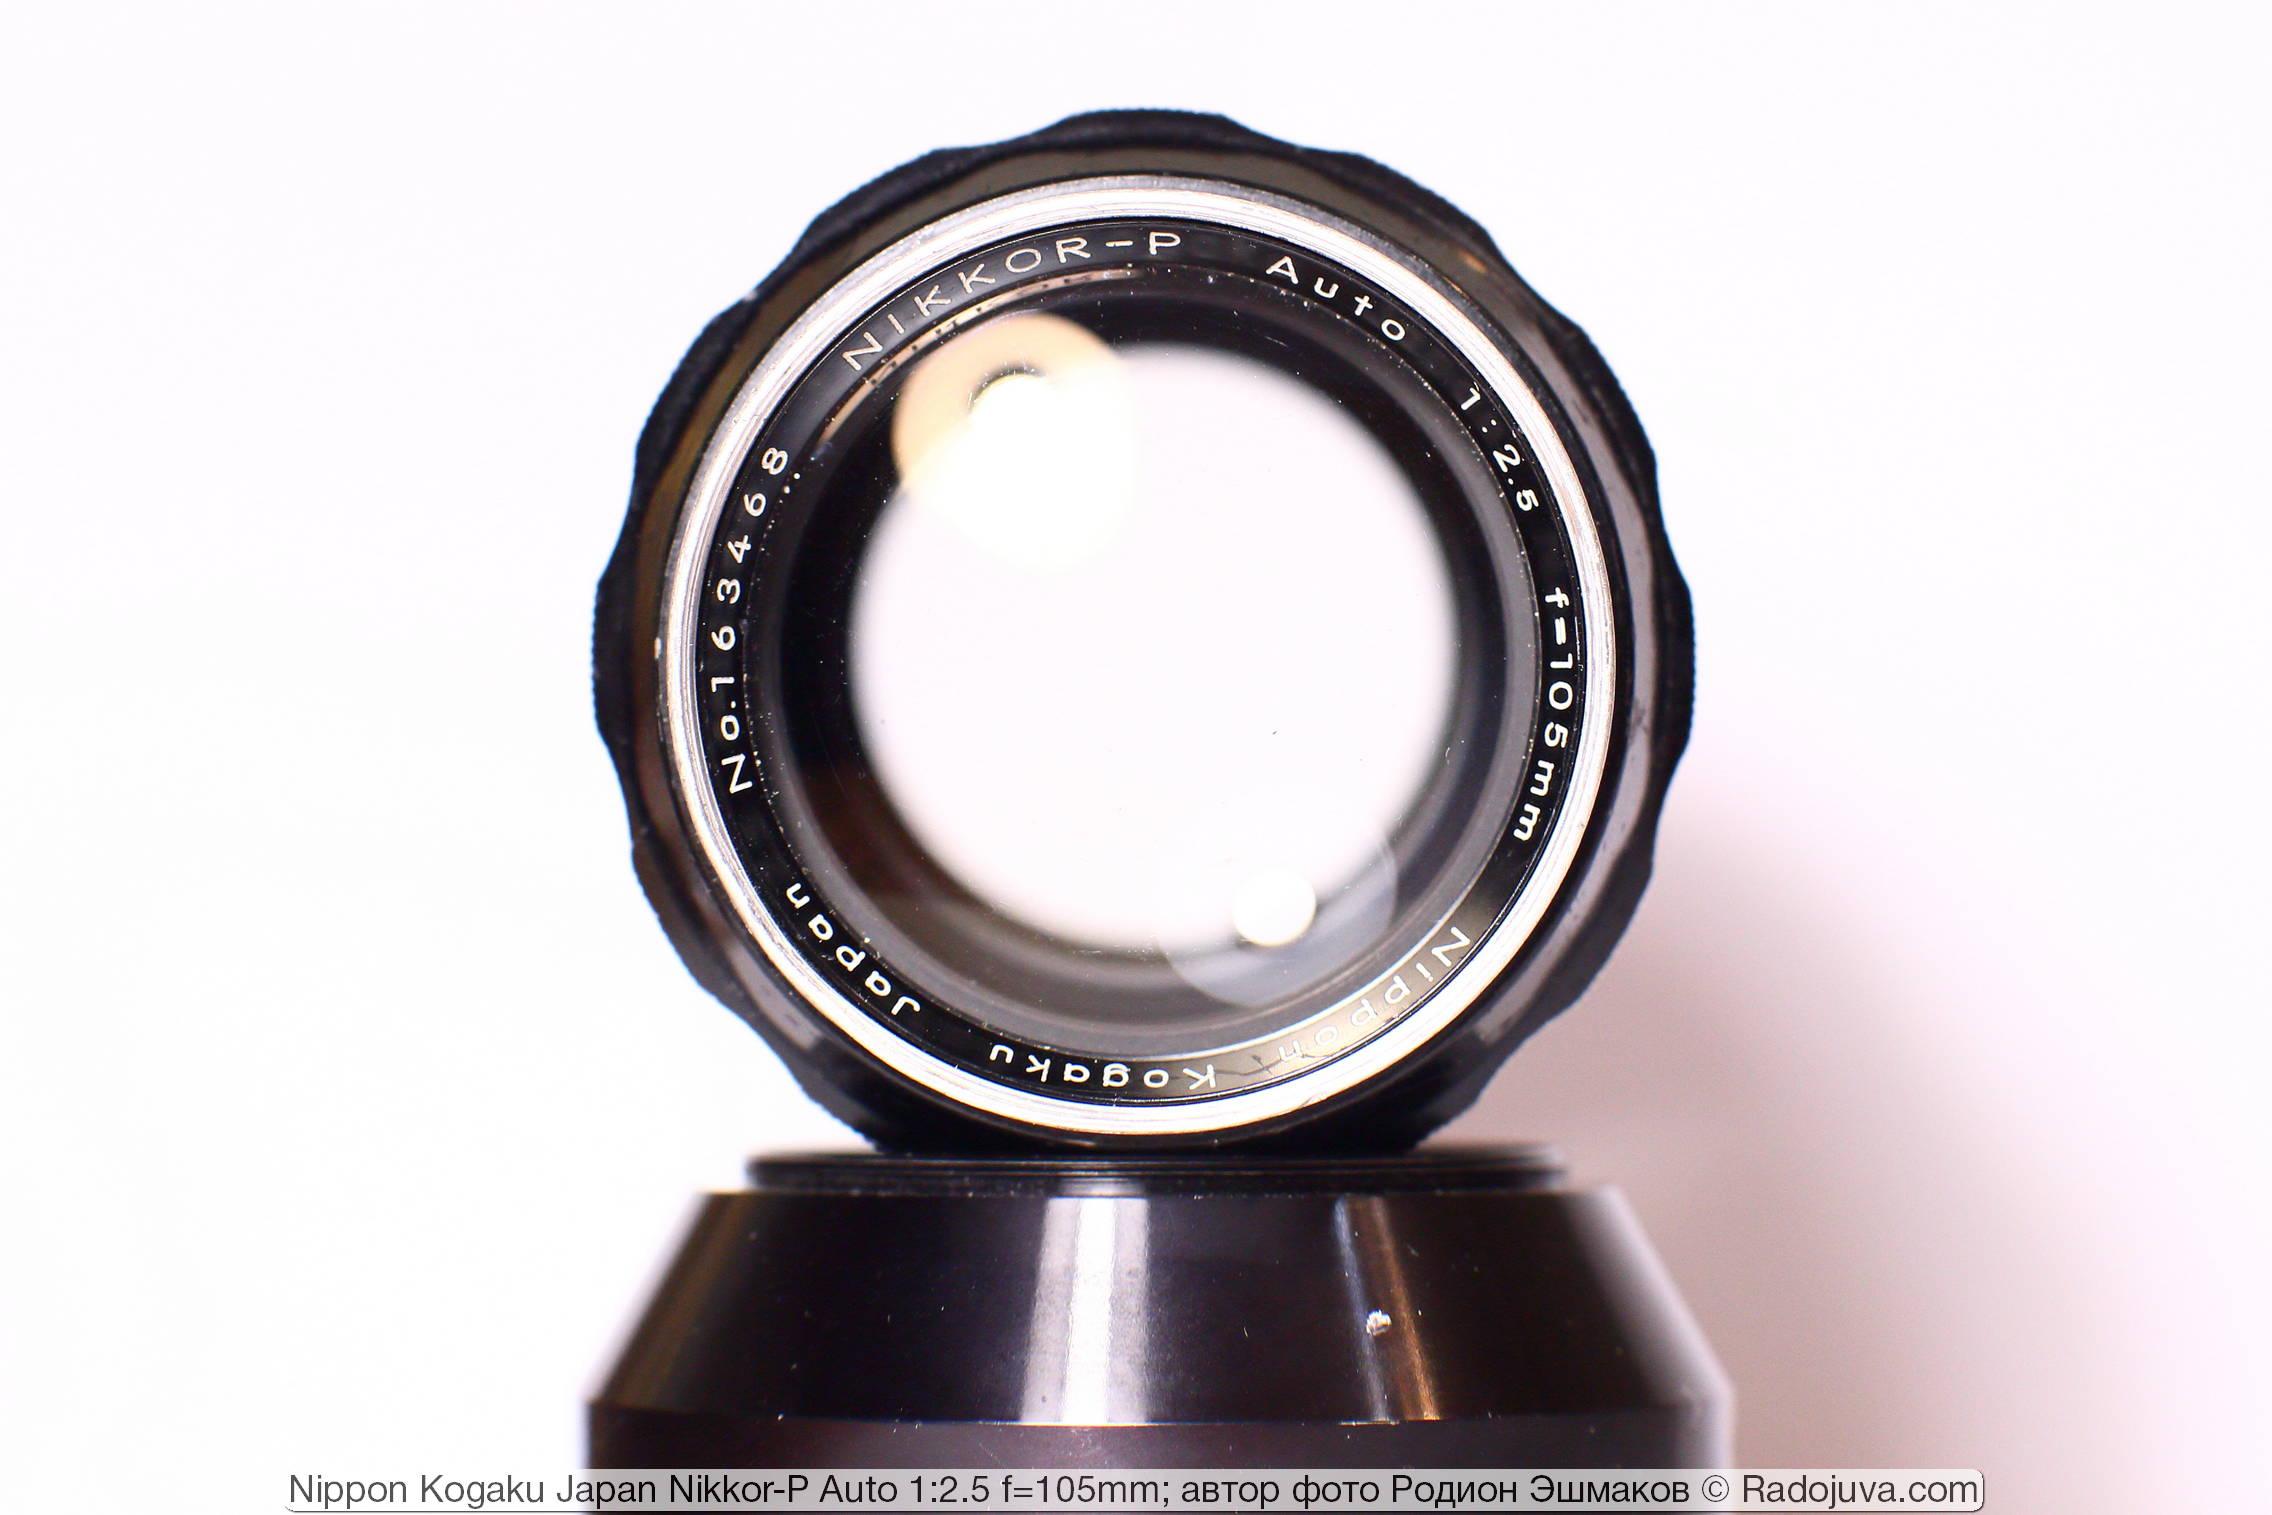 Входной зрачок объектива на открытой диафрагме.